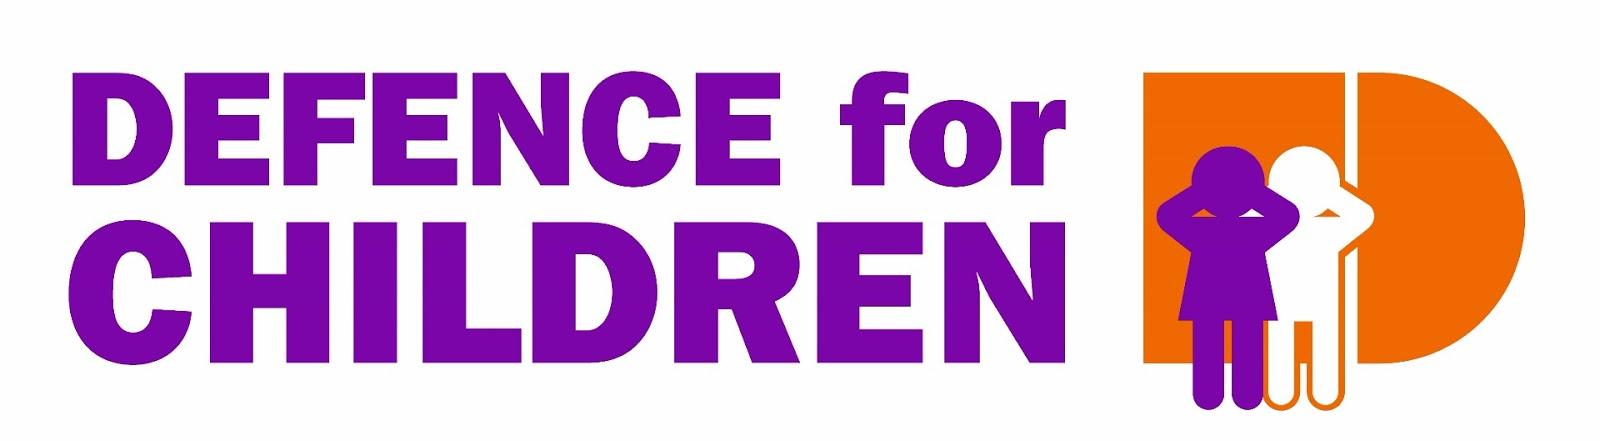 Defence for children is een internationaal georiënteerde organisatie die op komt voor de rechten van het kind